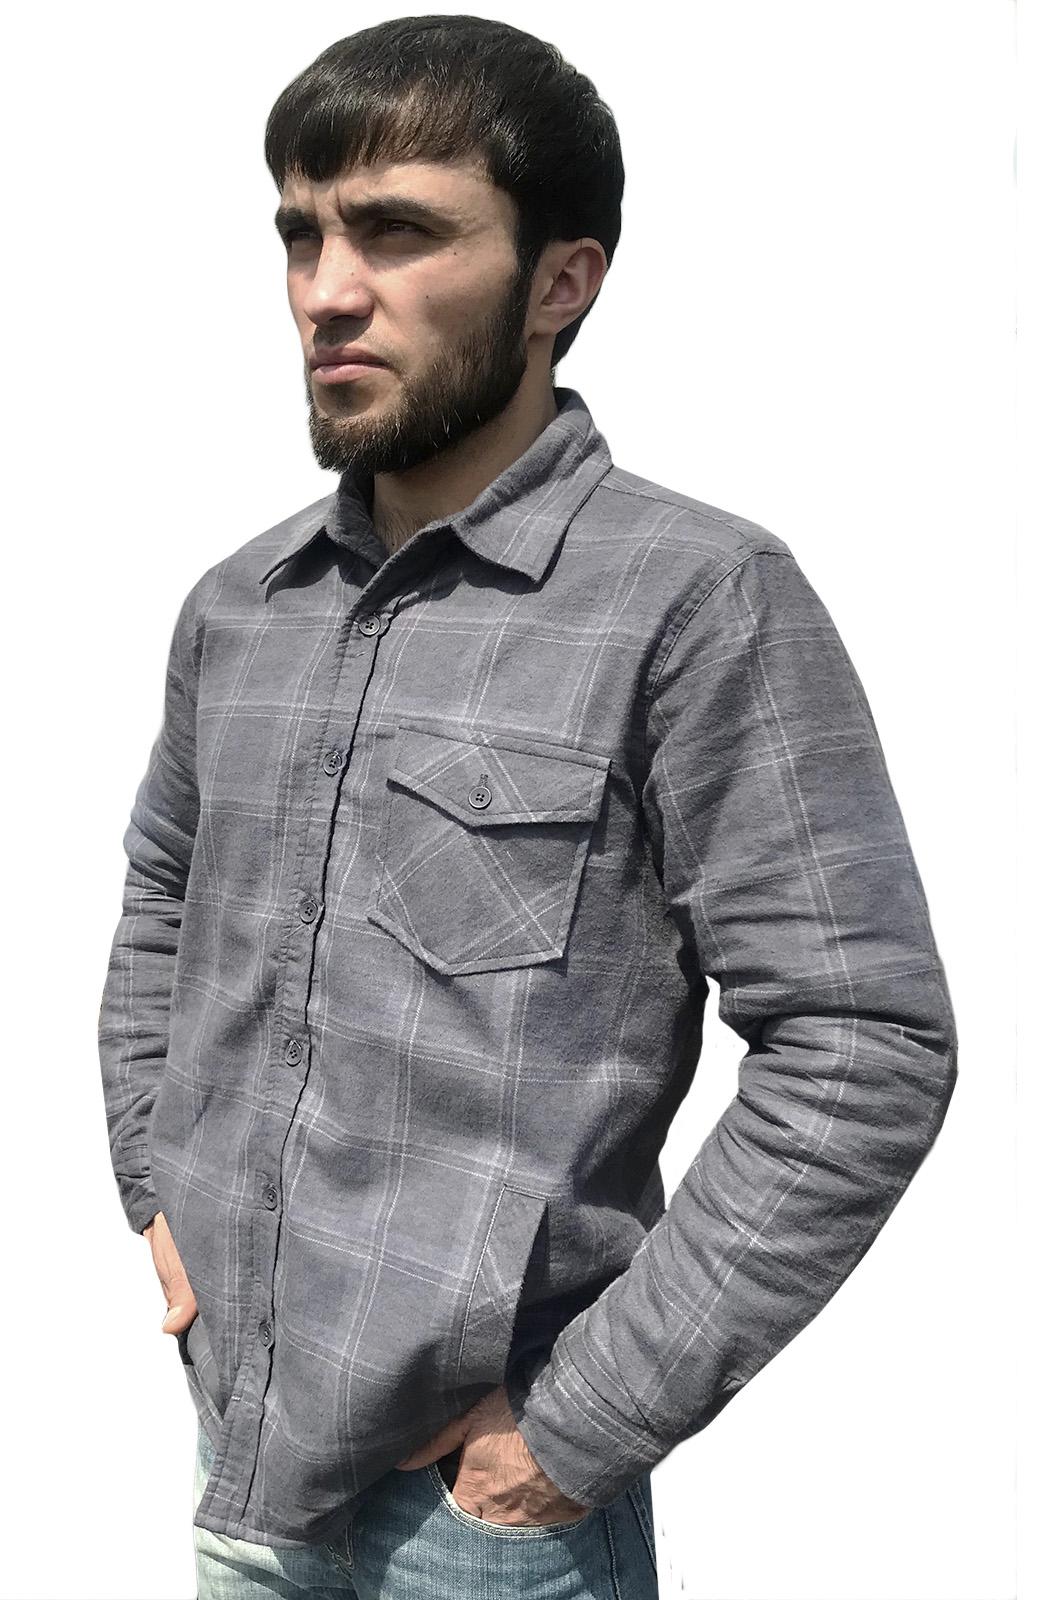 Рубашка с шевроном 67 ОБрСпН купить оптом